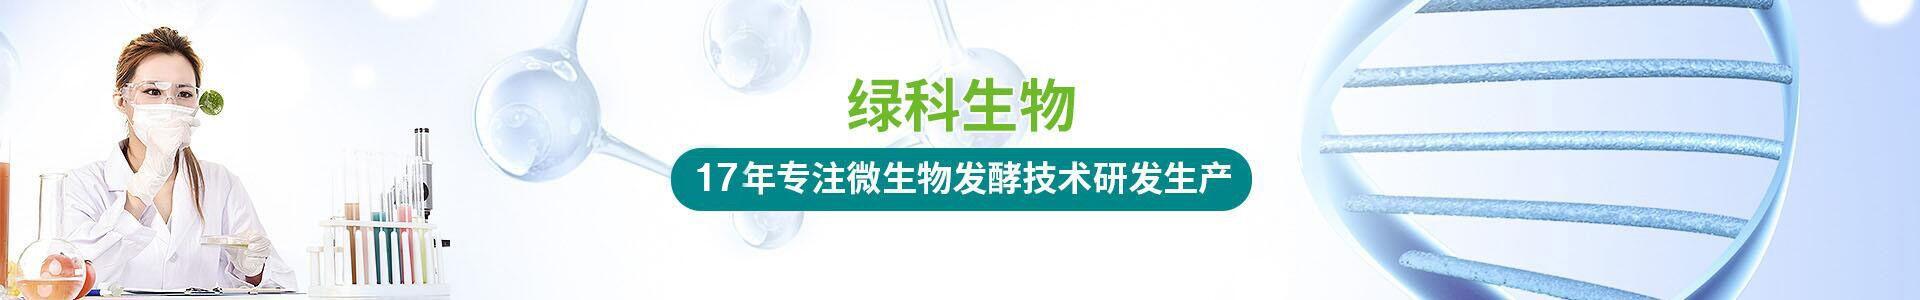 15年专注微生物发酵技术研发